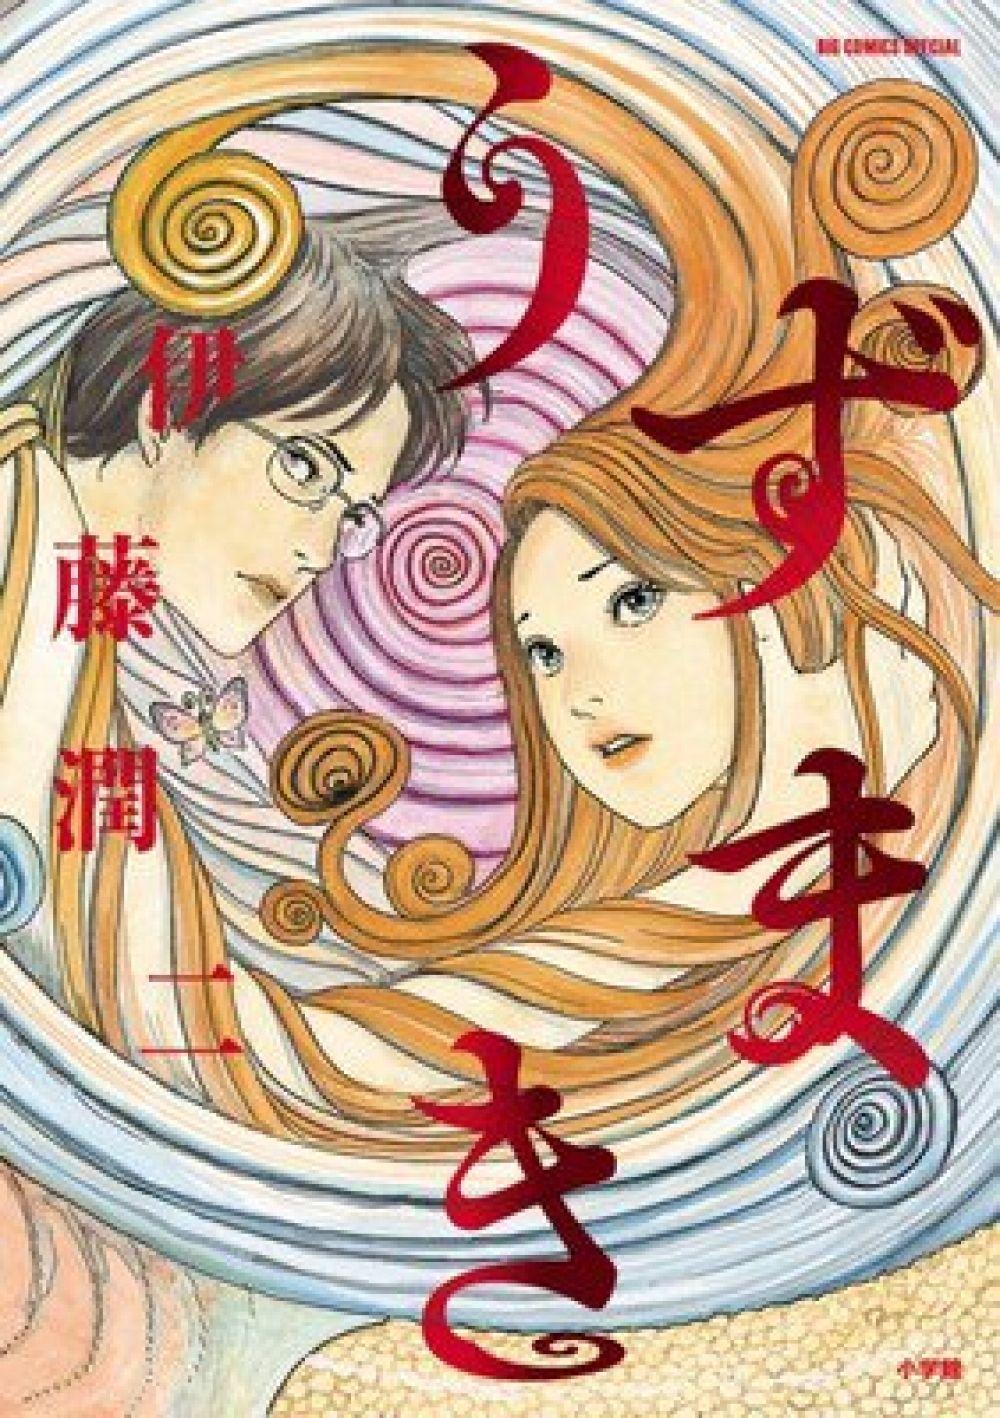 Junji Ito Aesthetic Wallpaper